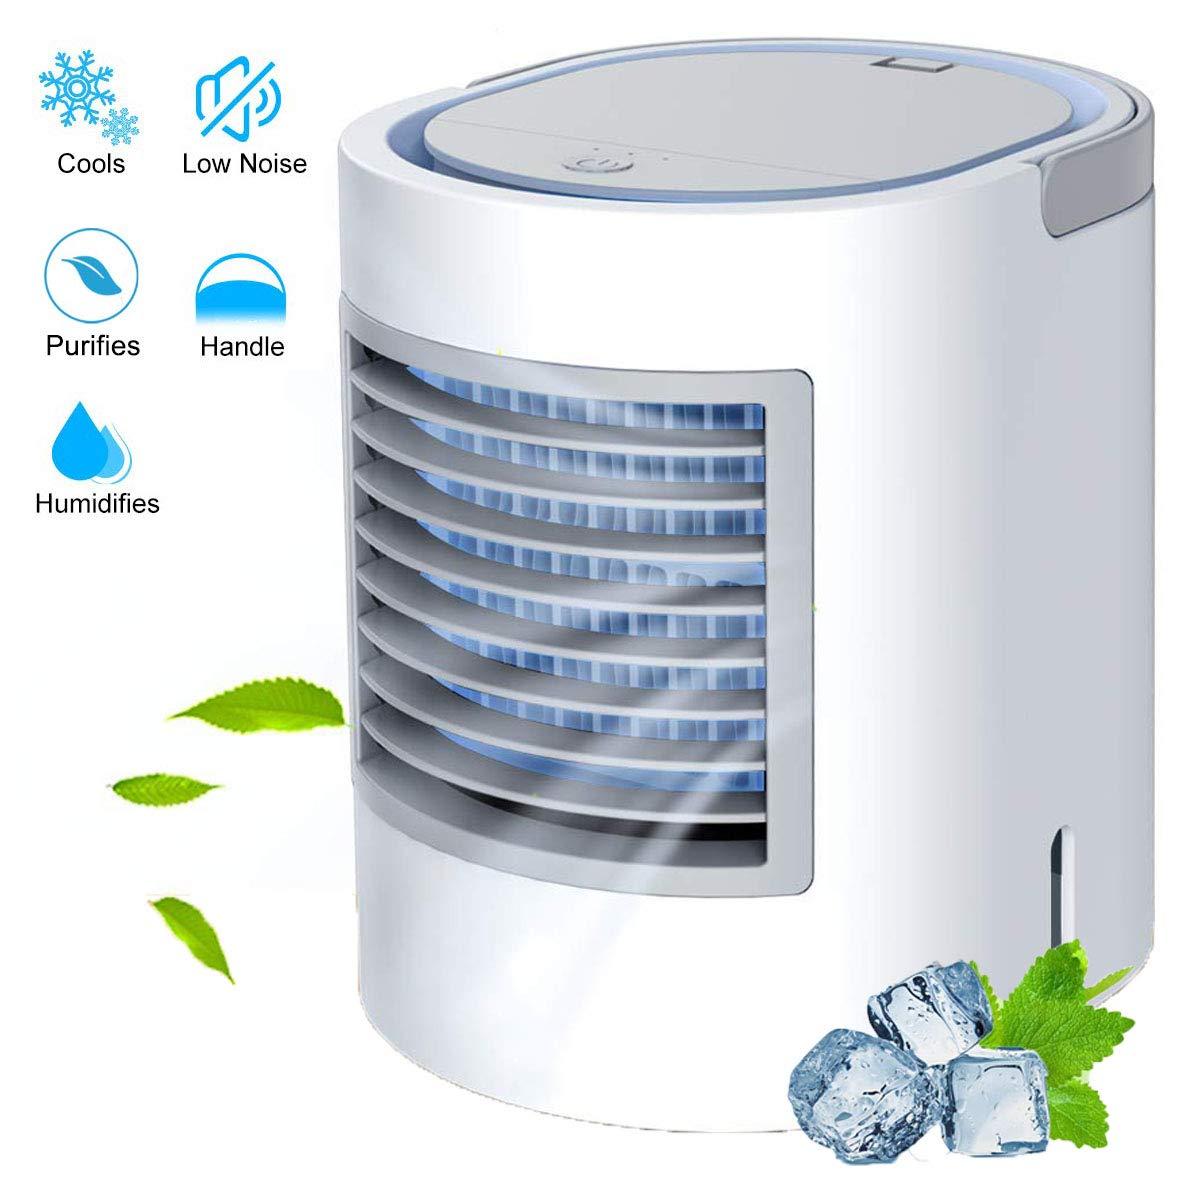 RAINBEAN Conditioner Evaporative Personal Humidifier